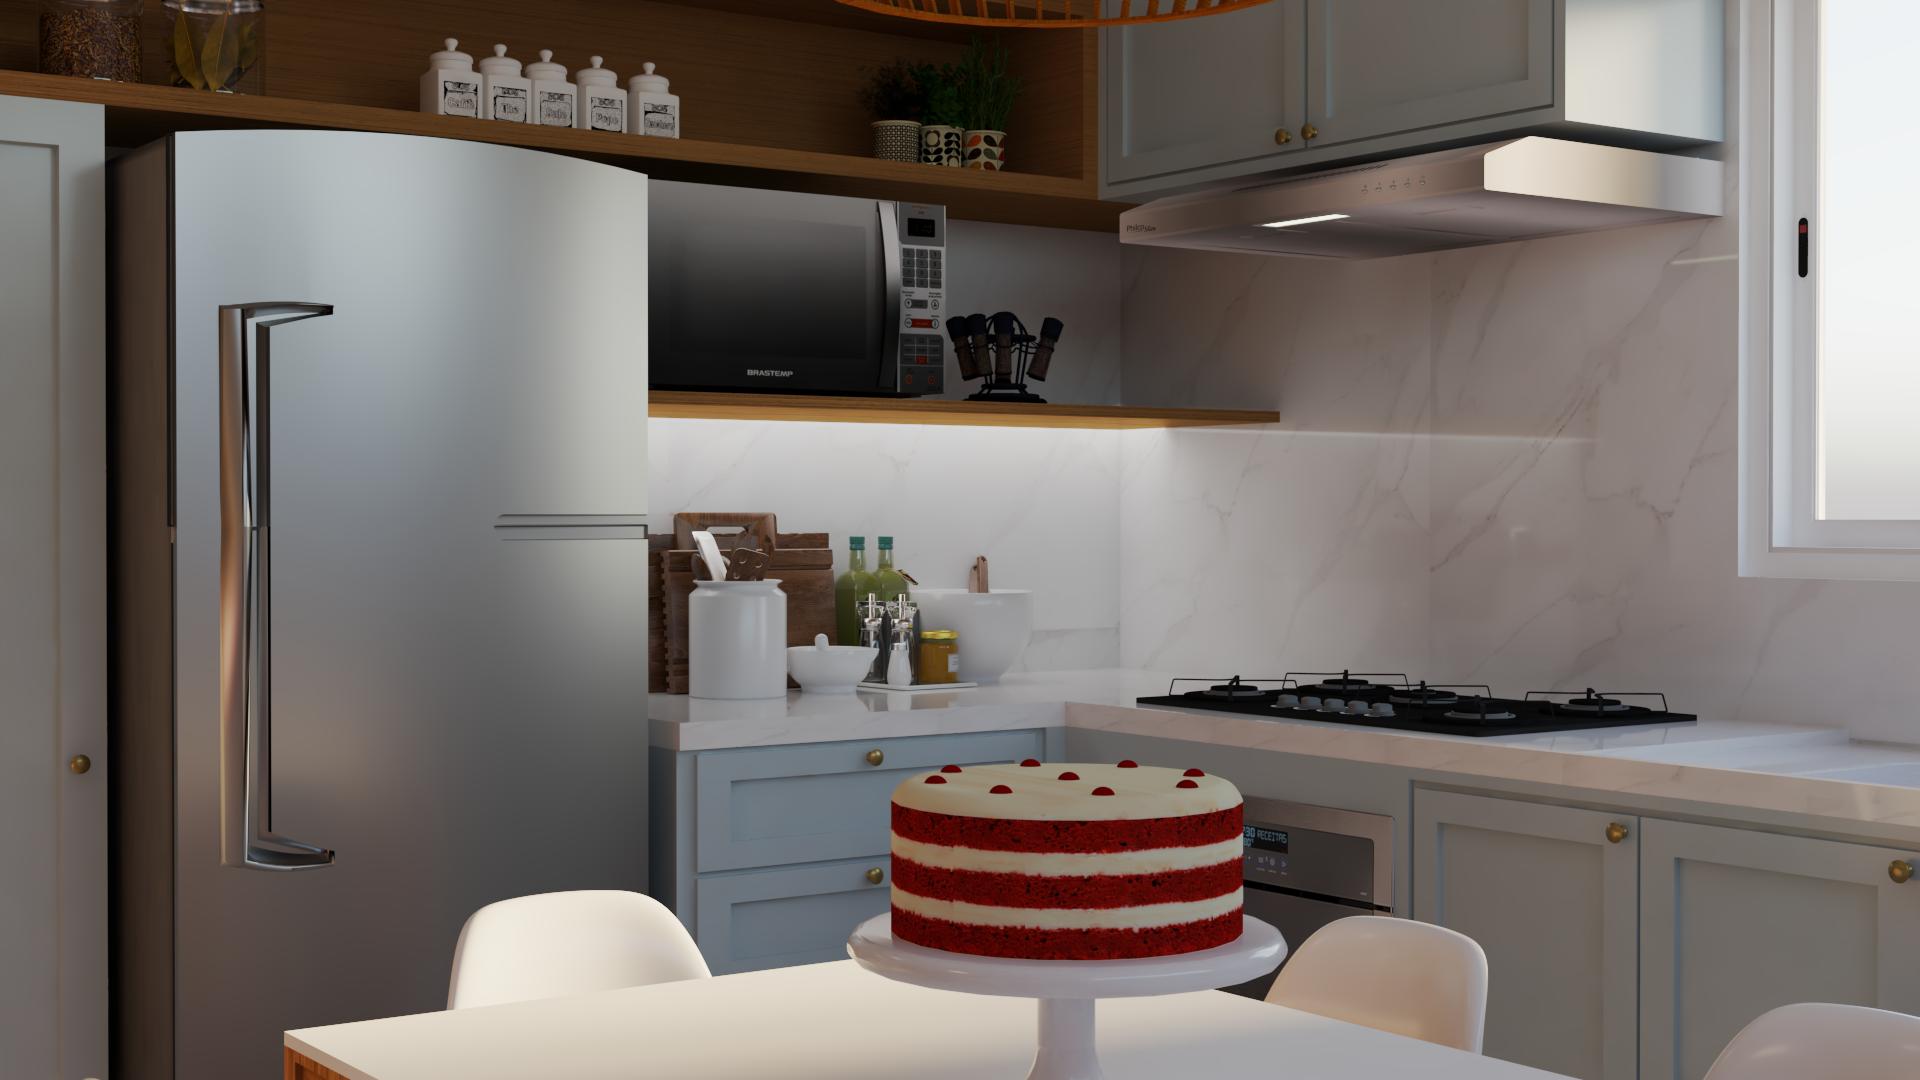 Ana Claudia - cozinha - R0- 06